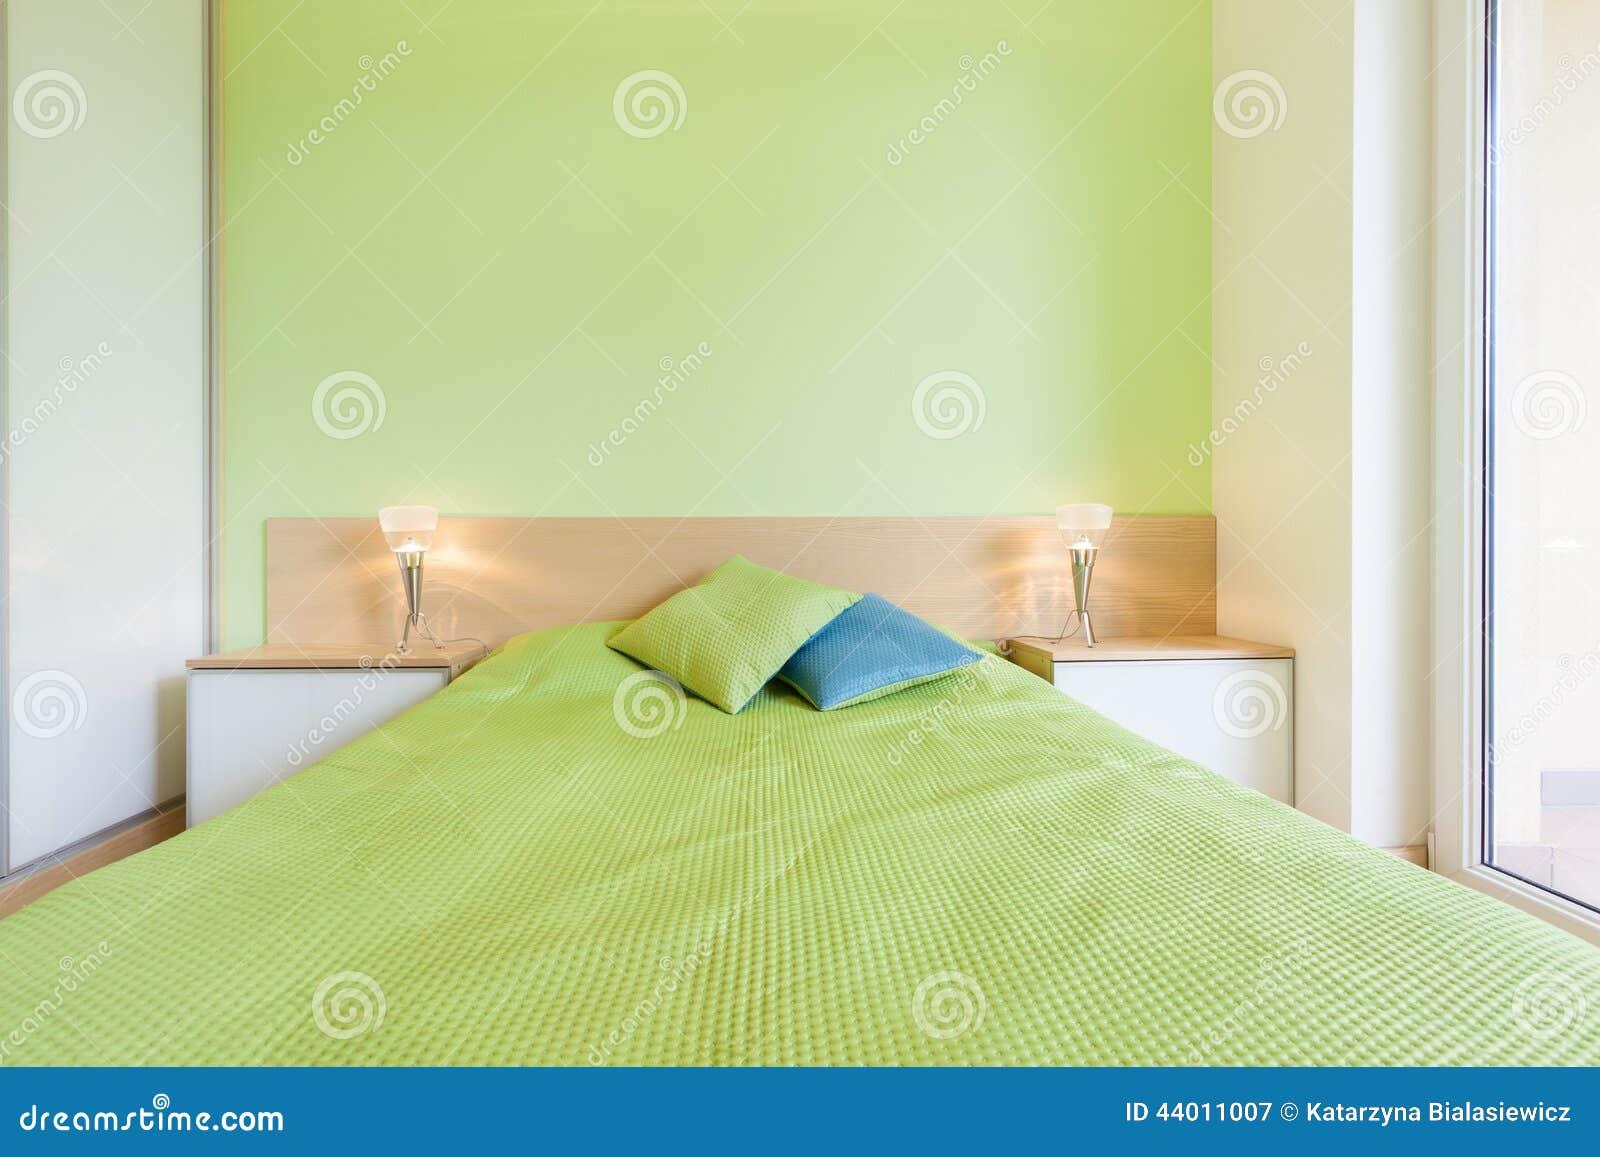 Parete Camera Da Letto Verde : Interno della camera da letto con la parete verde